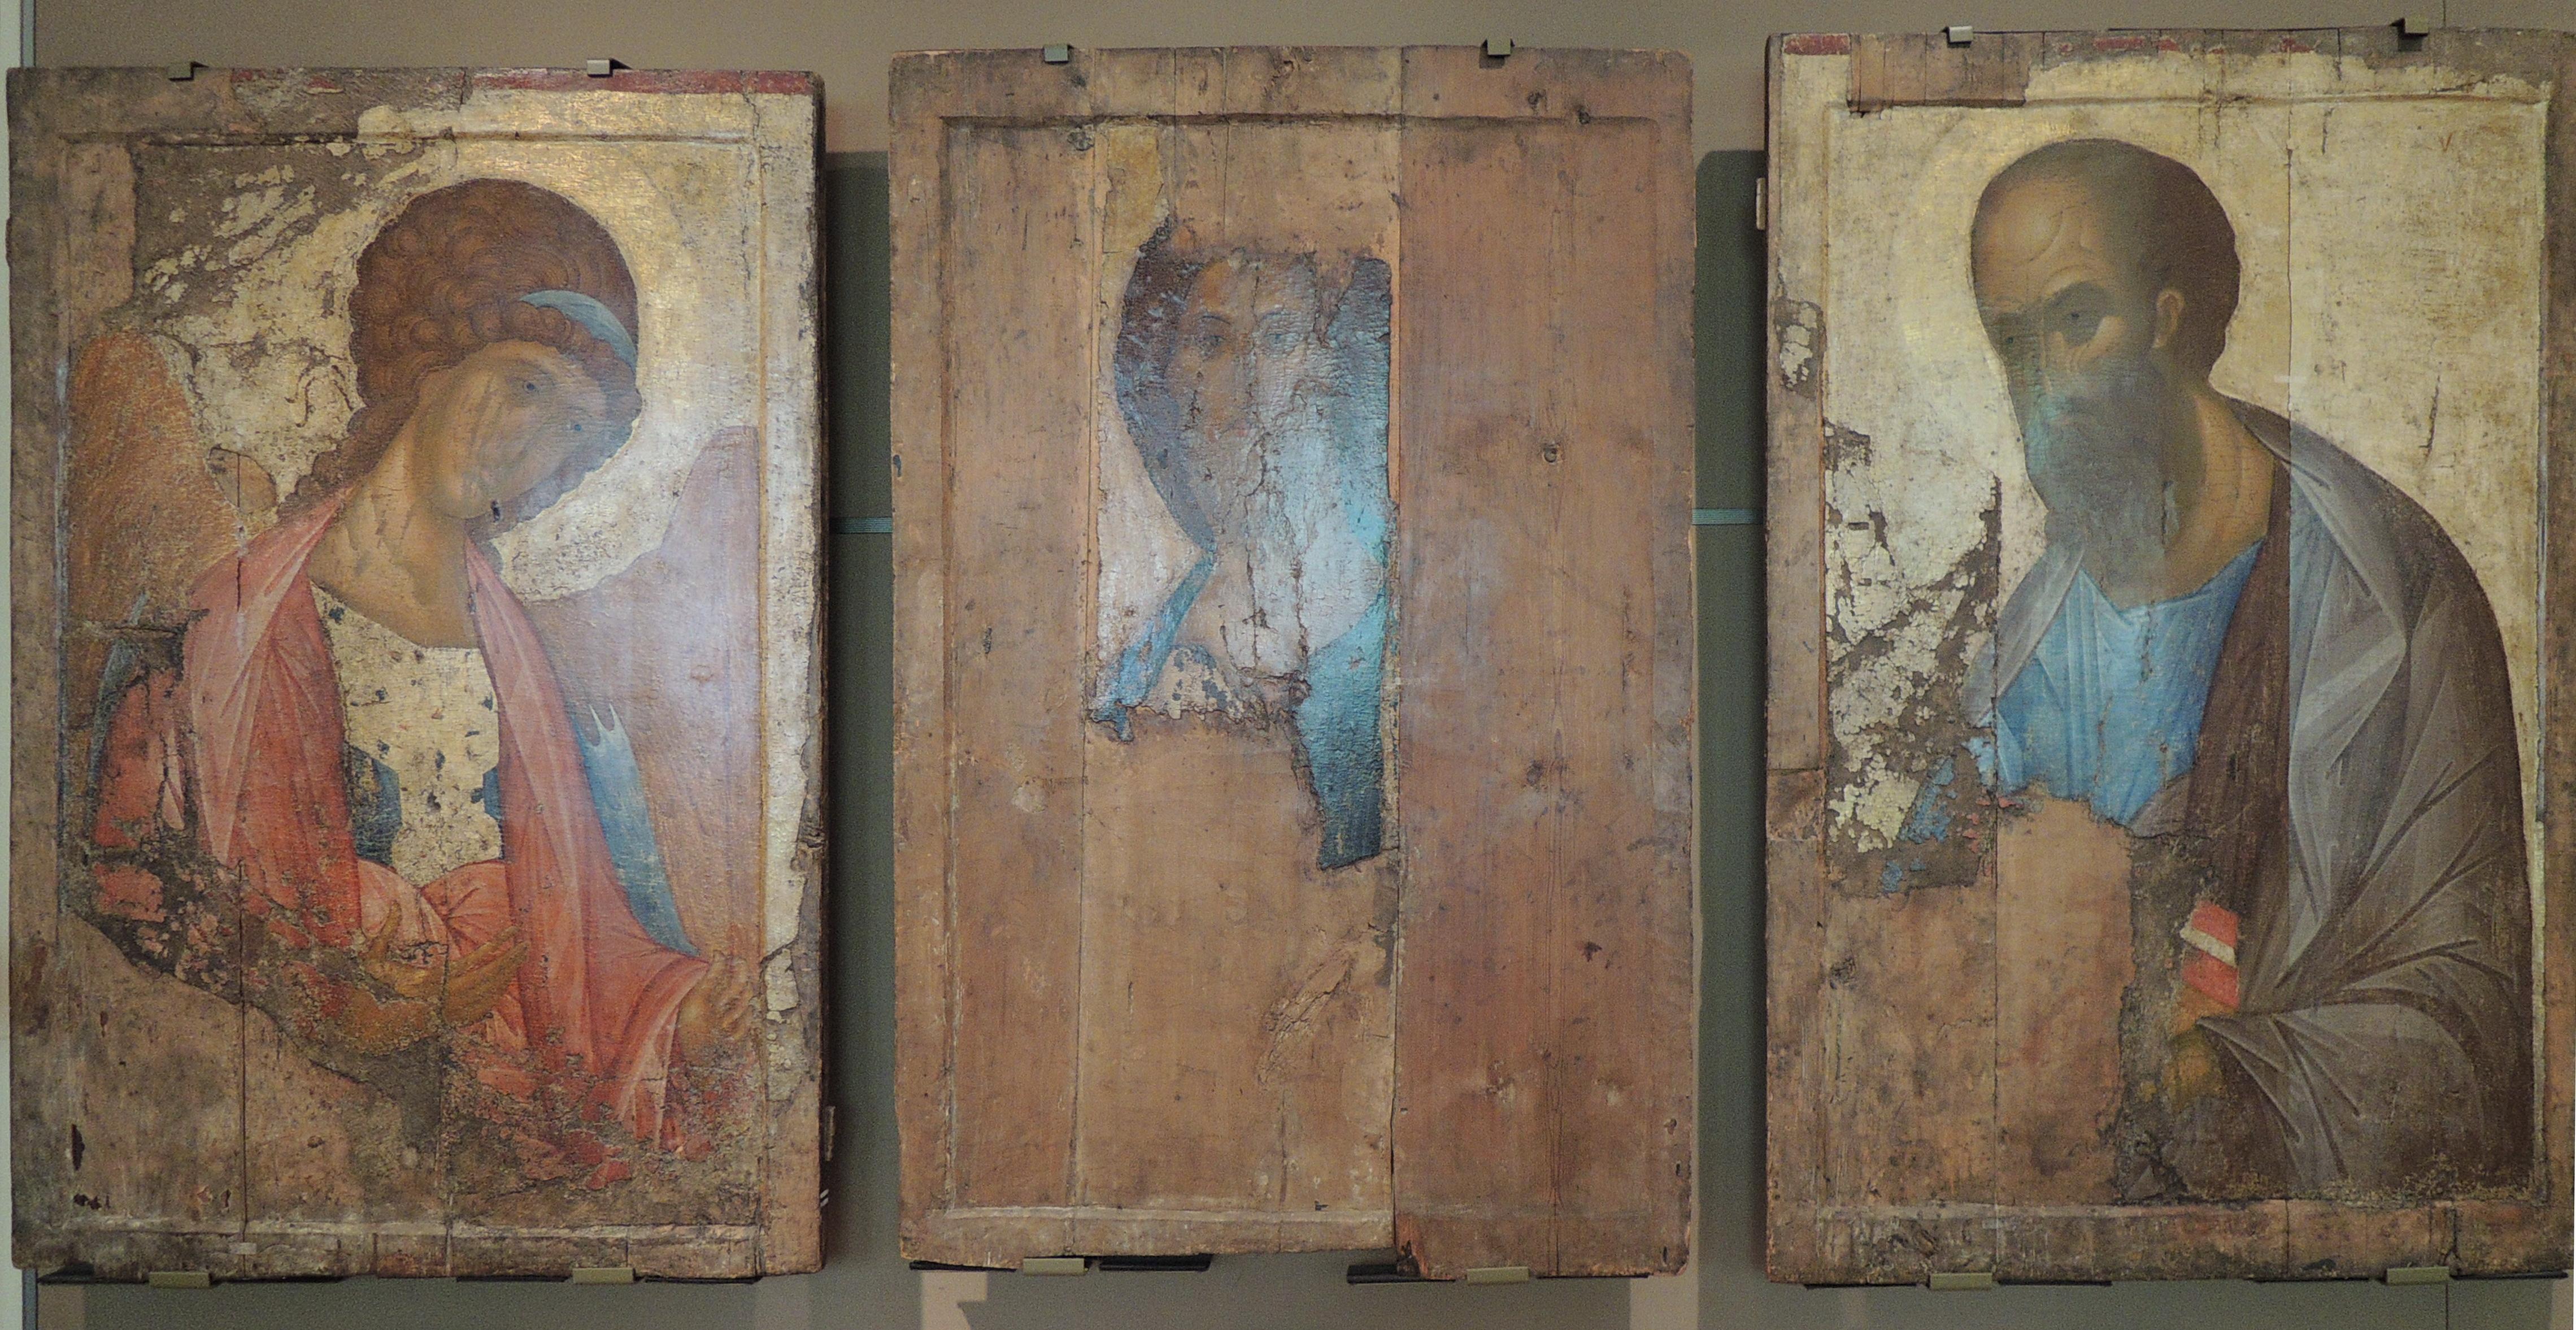 Descoperire: renumitul triptic din Zvenigorod nu a fost pictat de Andrei Rublev